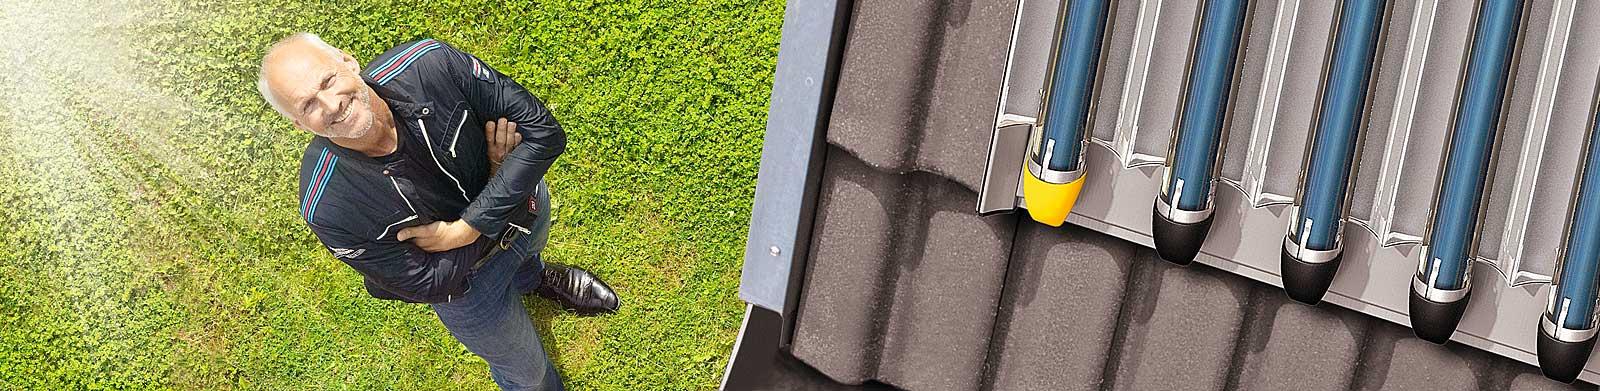 Solaranlagen für Wärme